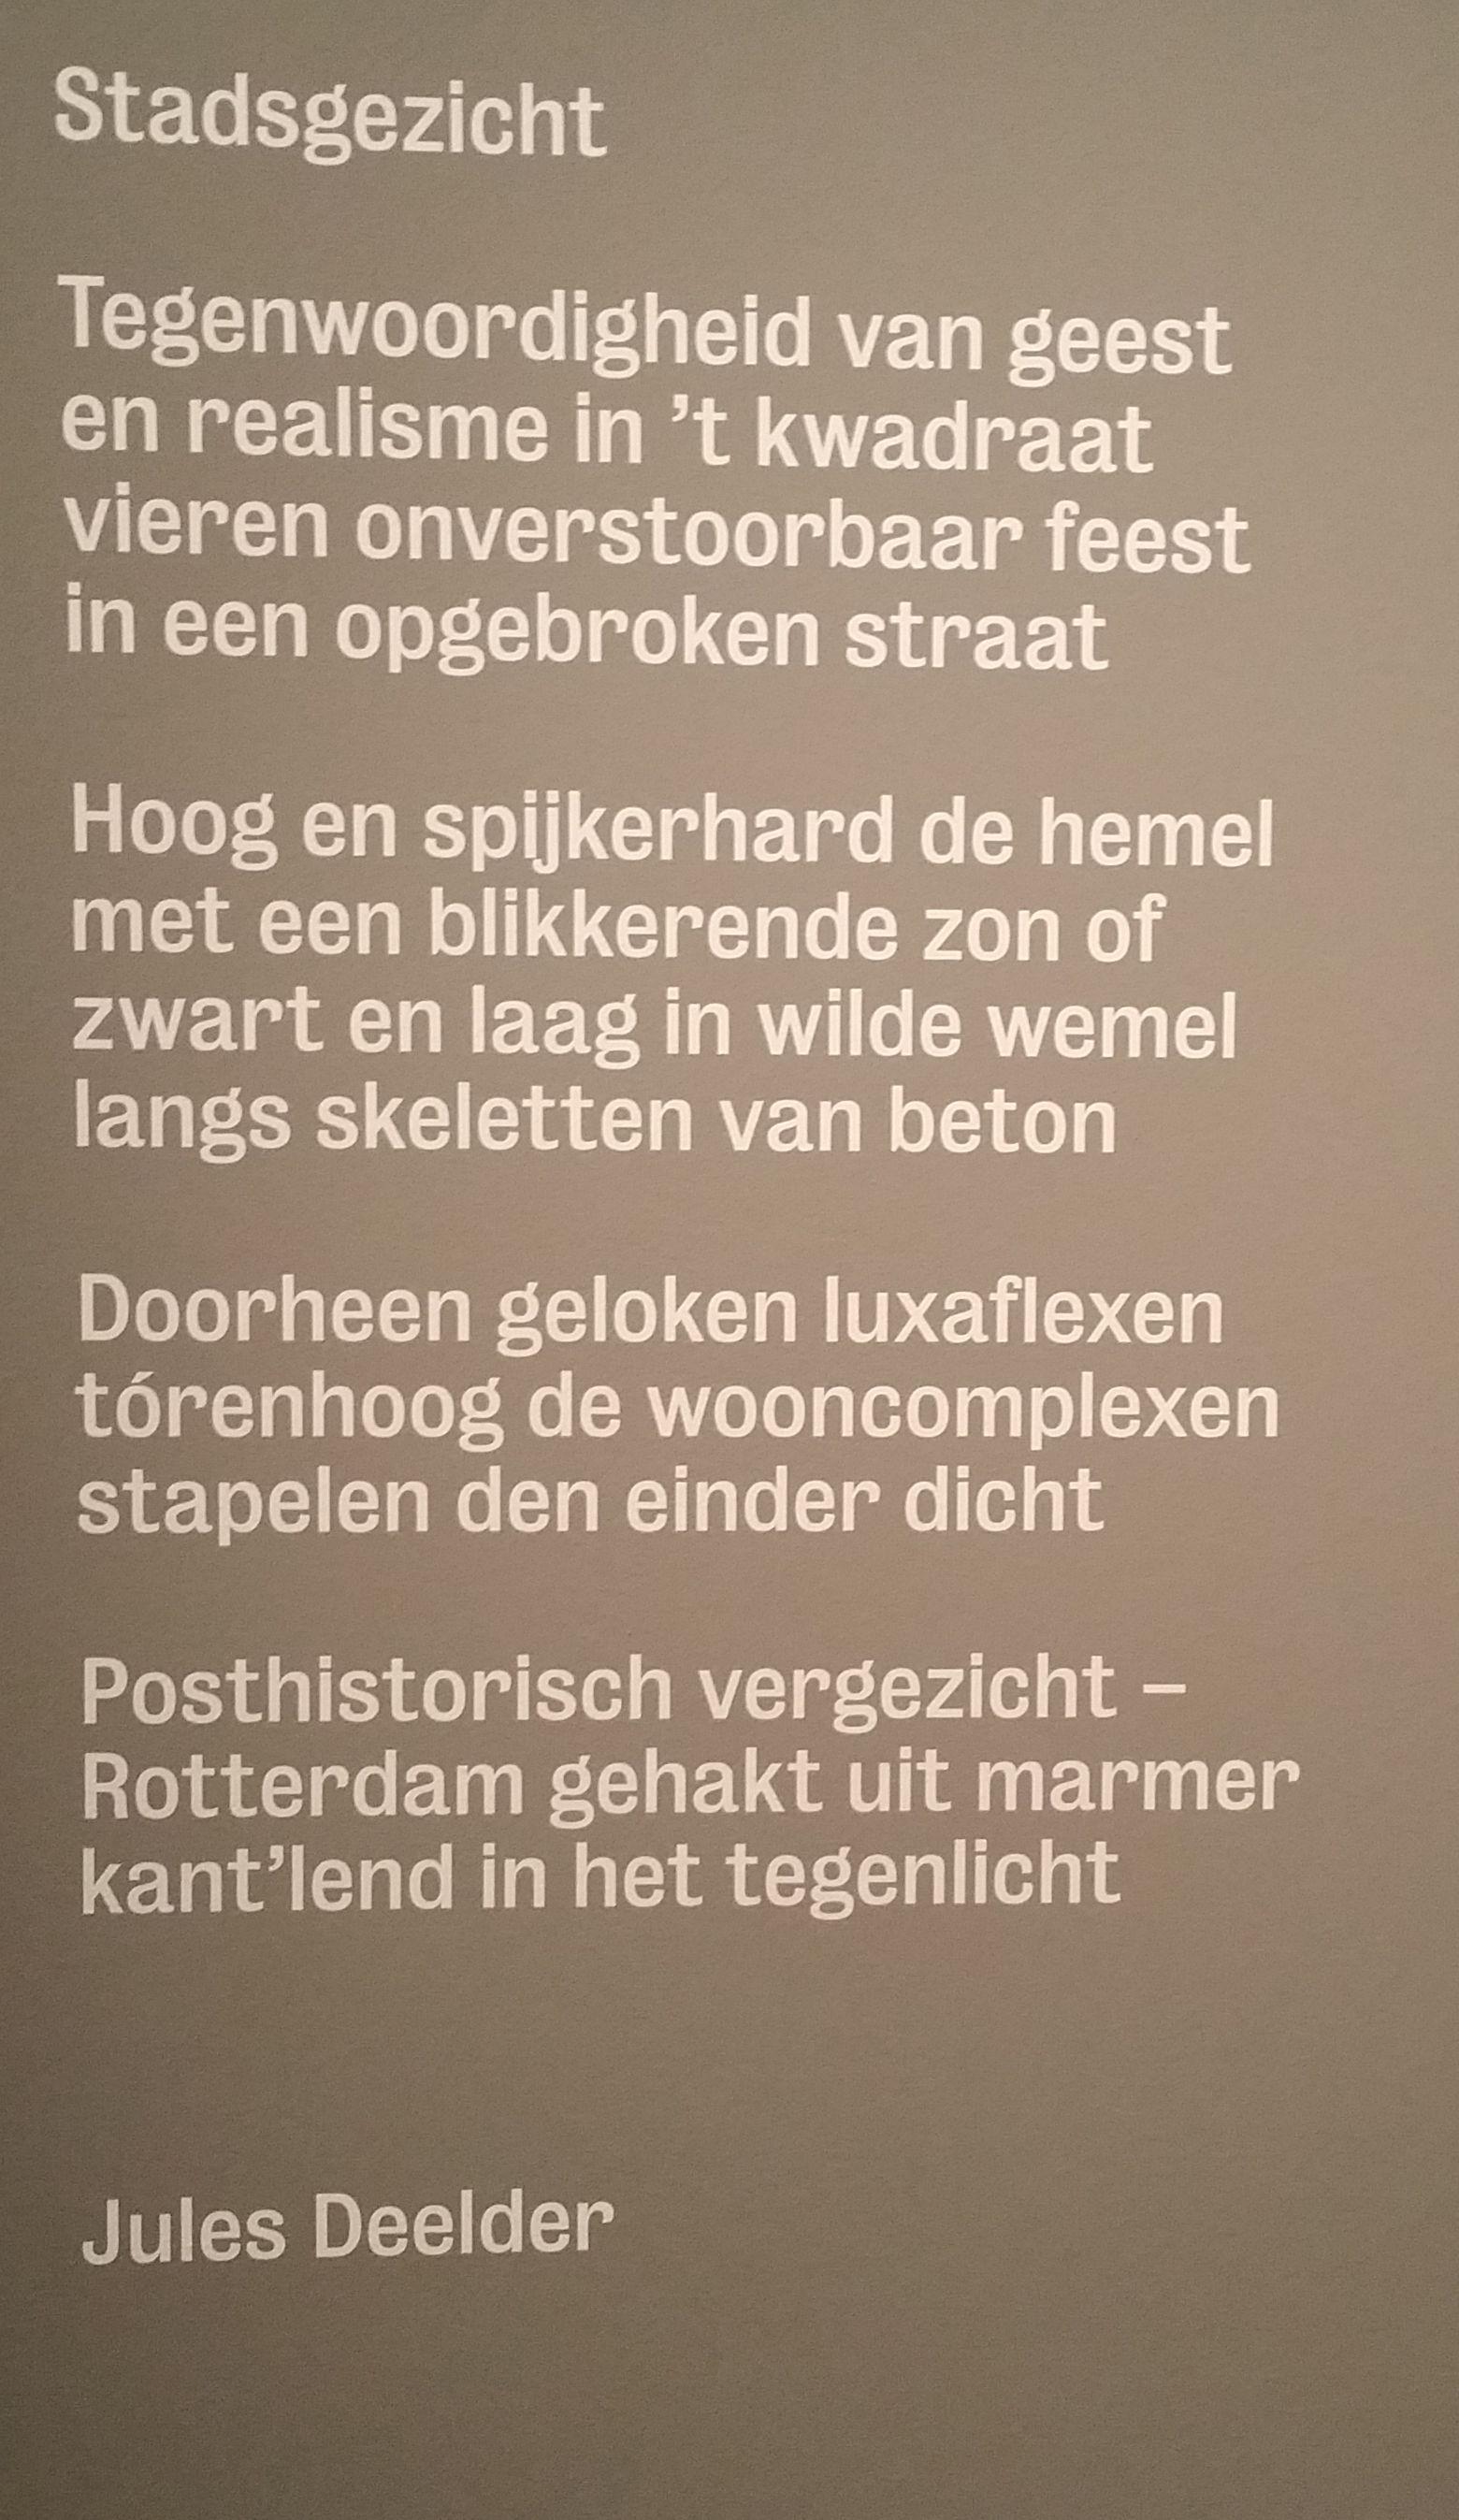 Jules Deelder Gedichten Rotterdam Bewri Rotterdam 2